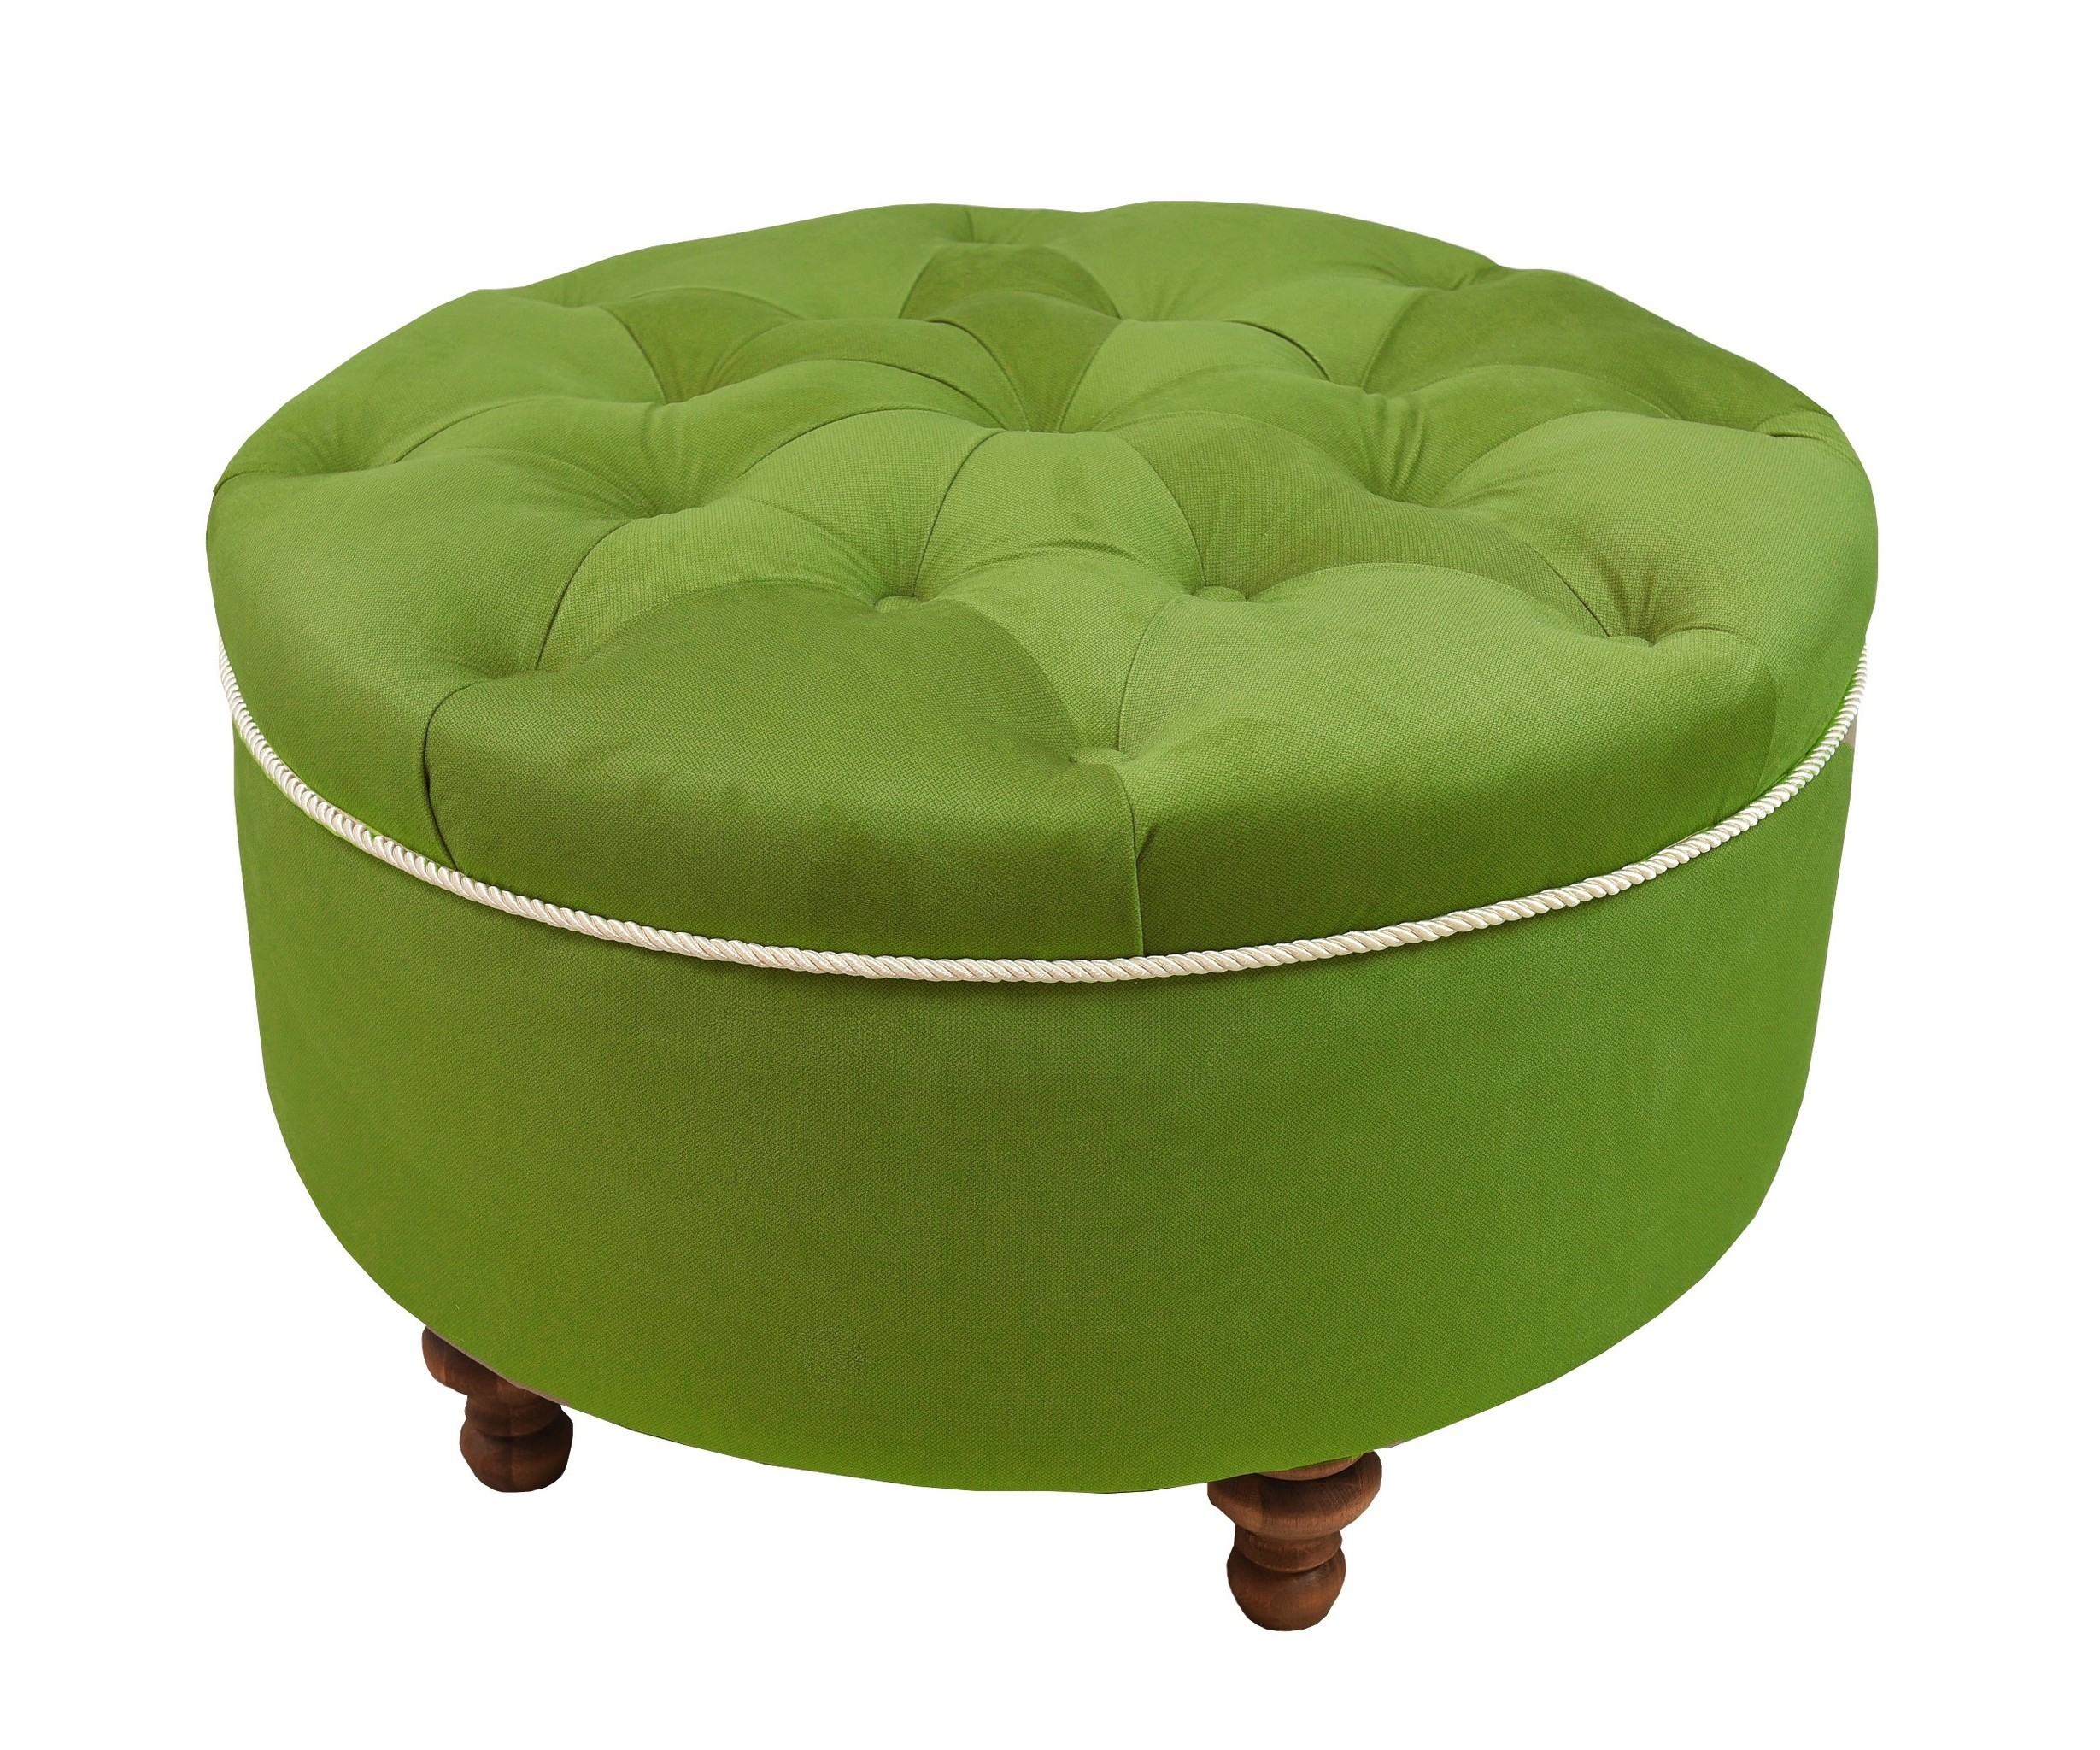 Пуфик круглыйКто не любит пикники на природе? С этим пуфом цвета зеленой травы позволит вам устраивать их хоть каждый день прямо у себя дома! Он станет незаменимой деталью в вашей квартире и наполнит ее уютом и теплом.<br><br>Material: Текстиль<br>Высота см: 35